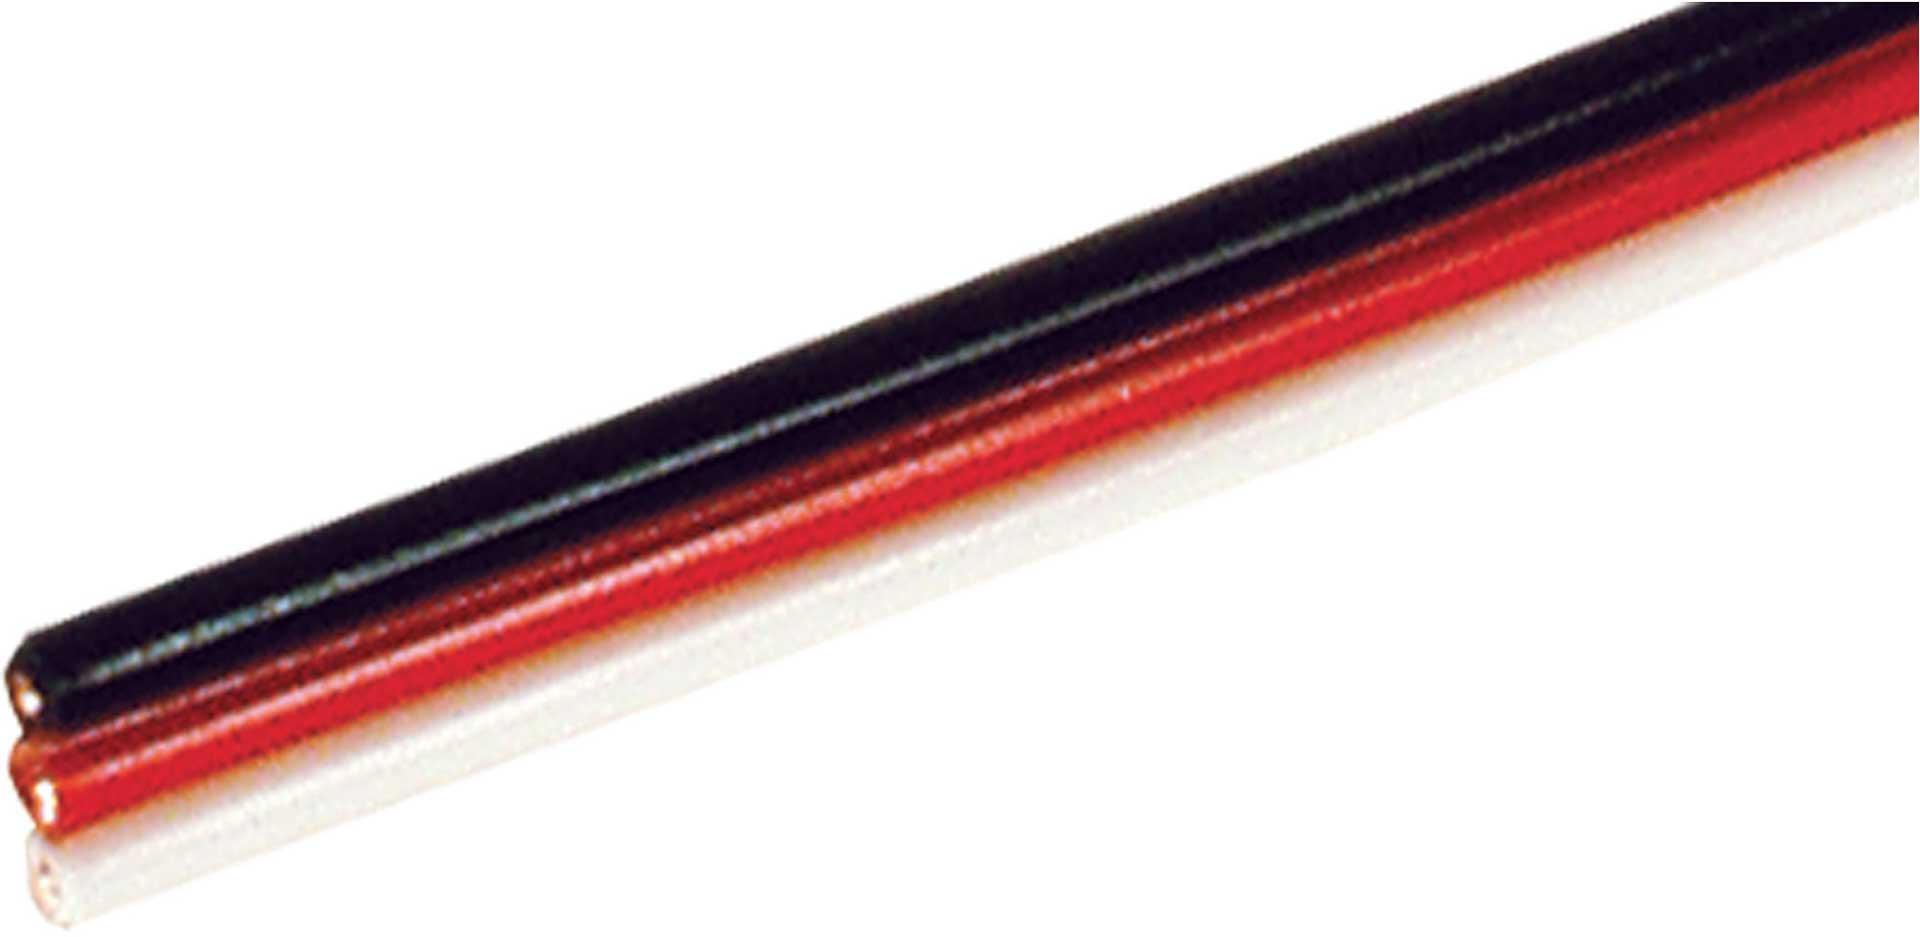 Robbe Modellsport Servokabel Futaba 100 Meter flach 0,33mm² (22AWG) PVC Meterware